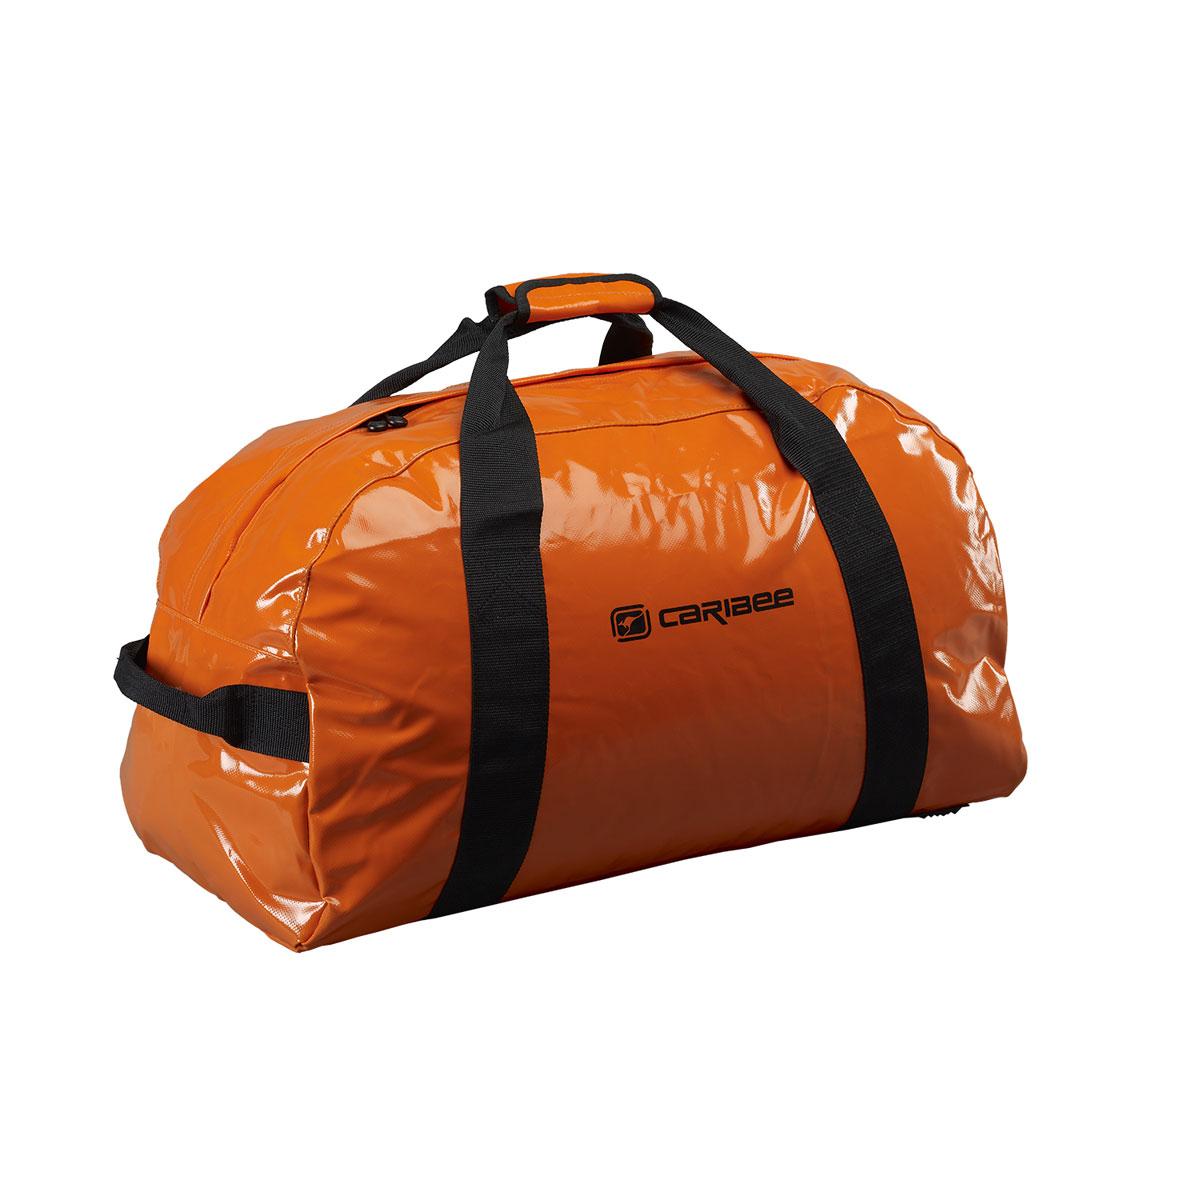 Сумка спортивная Caribee Zambezi, цвет: оранжевый, 65 л332515-2800Сумки для снаряжения от Caribee Zambezi это стильный дизайн, легкий вес и большая вместительность! Как и все сумки Caribee, этот модельный ряд был разработан с учетом привлекательного вида, практичной функциональности и прочной конструкции.Будьте уверены, что вы доберётесь до места назначения и ваш багаж будет в полной сохранности! Собираясь в поход с нашими сумками, вы можете позволить себе взять все необходимые вещи, и там еще останется достаточно места что бы уместить парашют.Сумка из материала, устойчивого к промоканию даже в штормовую погоду. Устойчивые к воде молнии. Ручки вшиты по всей окружности корпуса сумки, для дополнительной прочности. Дополнительные удобные ручки с торцов сумки для переноски.Объем: 65 л.Размер: 65 x 32 x 32 см.